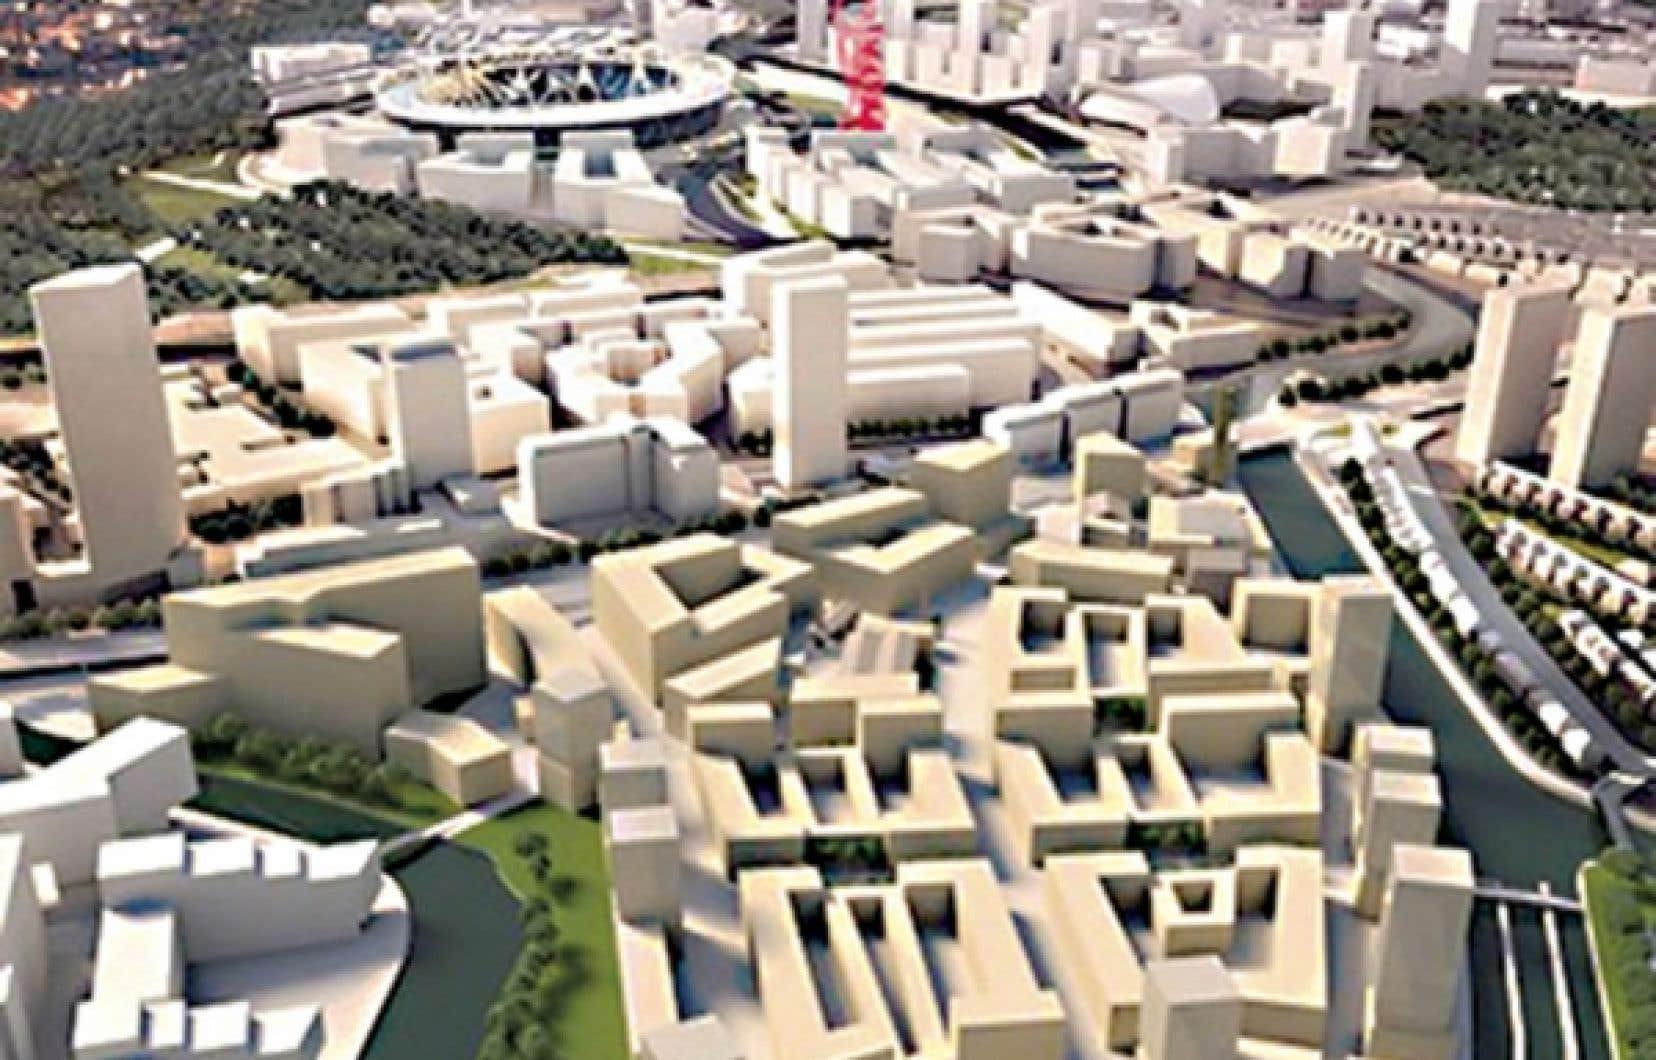 Situ&eacute; &agrave; 500 m&egrave;tres du stade olympique de Londres, le quartier con&ccedil;u par IKEA compte 1200 maisons neuves, 45 000 m&egrave;tres carr&eacute;s de bureaux, des commerces, des parcs ainsi qu&rsquo;un h&ocirc;tel de 350 chambres.<br />